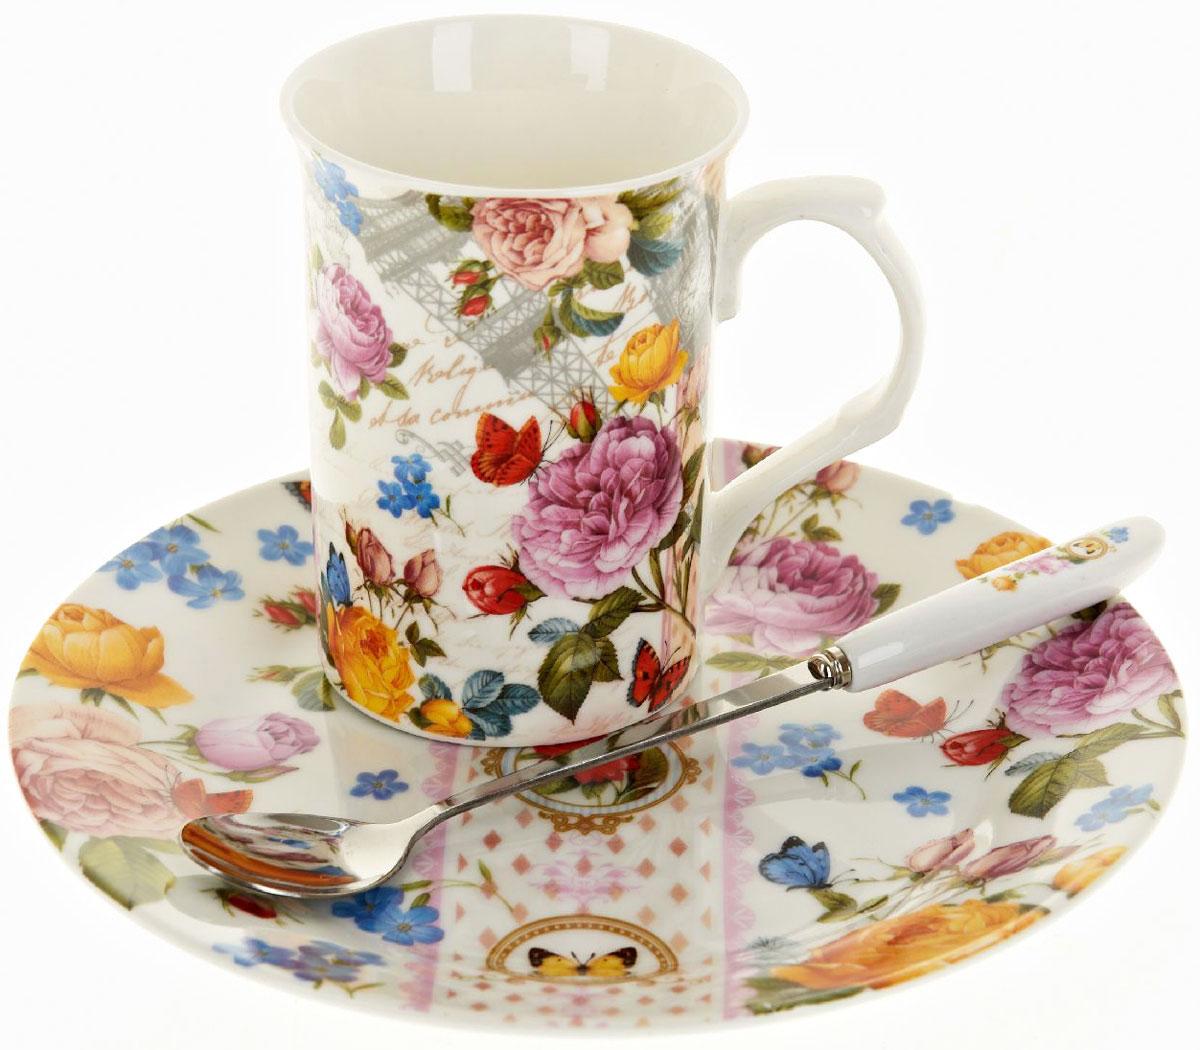 Чайная пара Nouvelle De France Лето в Европе, с ложкой, 3 предметаM0661286Оригинальная фарфоровая кружка Nouvelle с ложкой + десертная тарелка, выполненная из высококачественной керамики, сочетает в себе изысканный дизайн с максимальной функциональностью. Красочность оформления кружки придется по вкусу и ценителям классики, и тем, кто предпочитает утонченность и изысканность. В комплект входит кружка и ложка и десертная тарелка. Можно использовать в ПММ.